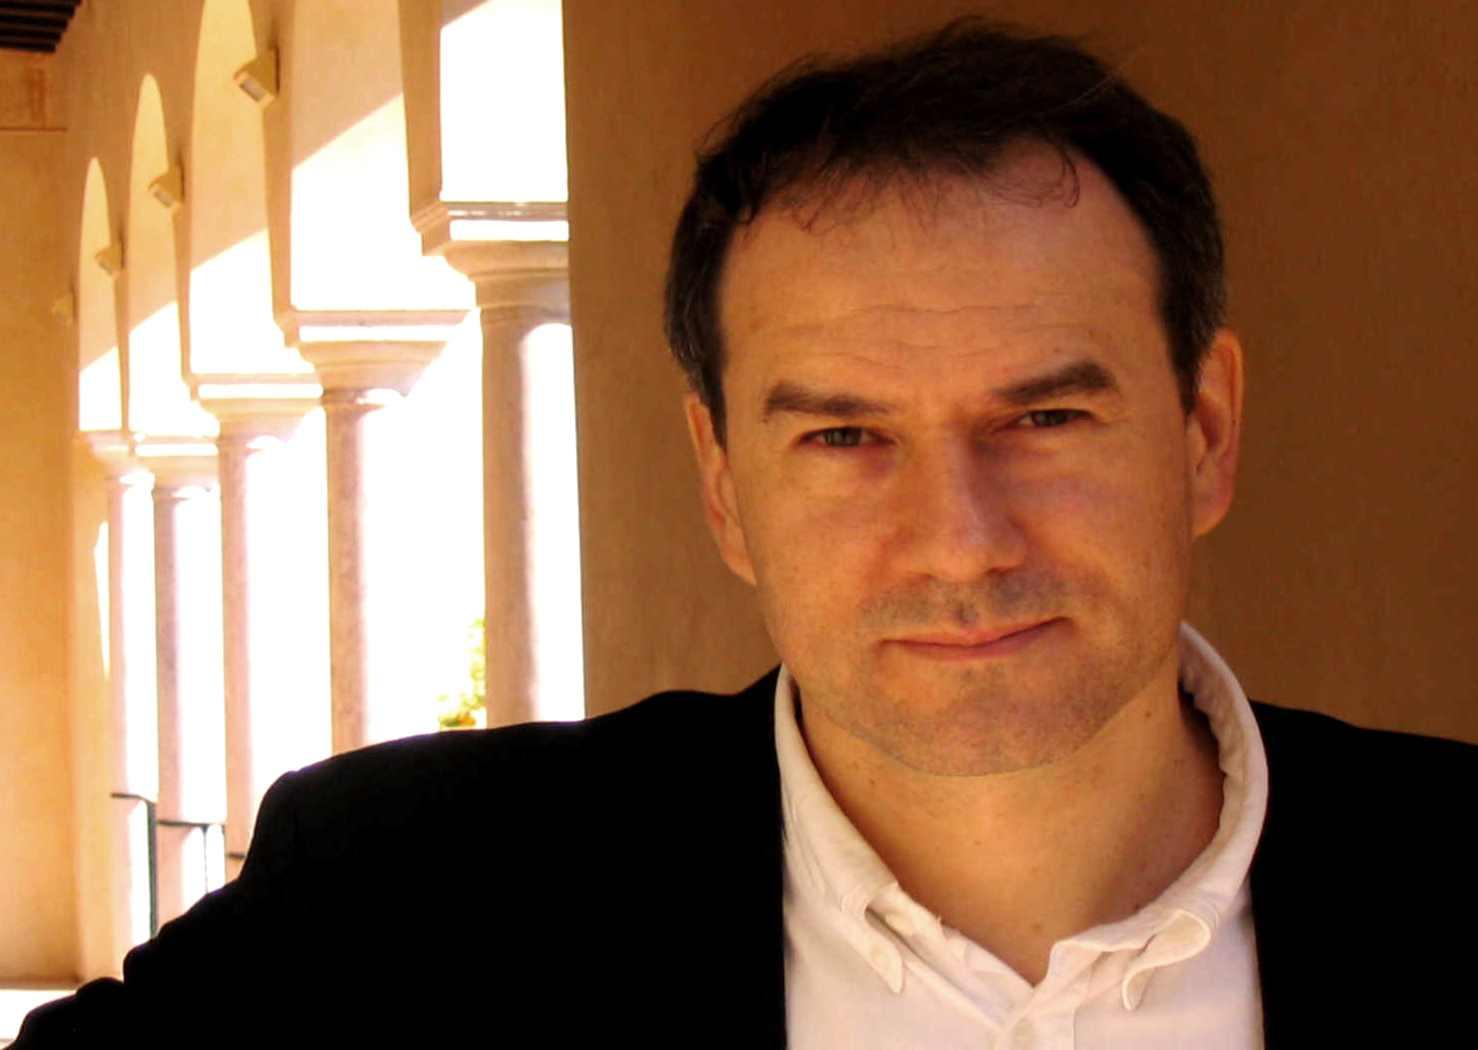 Philip Sington